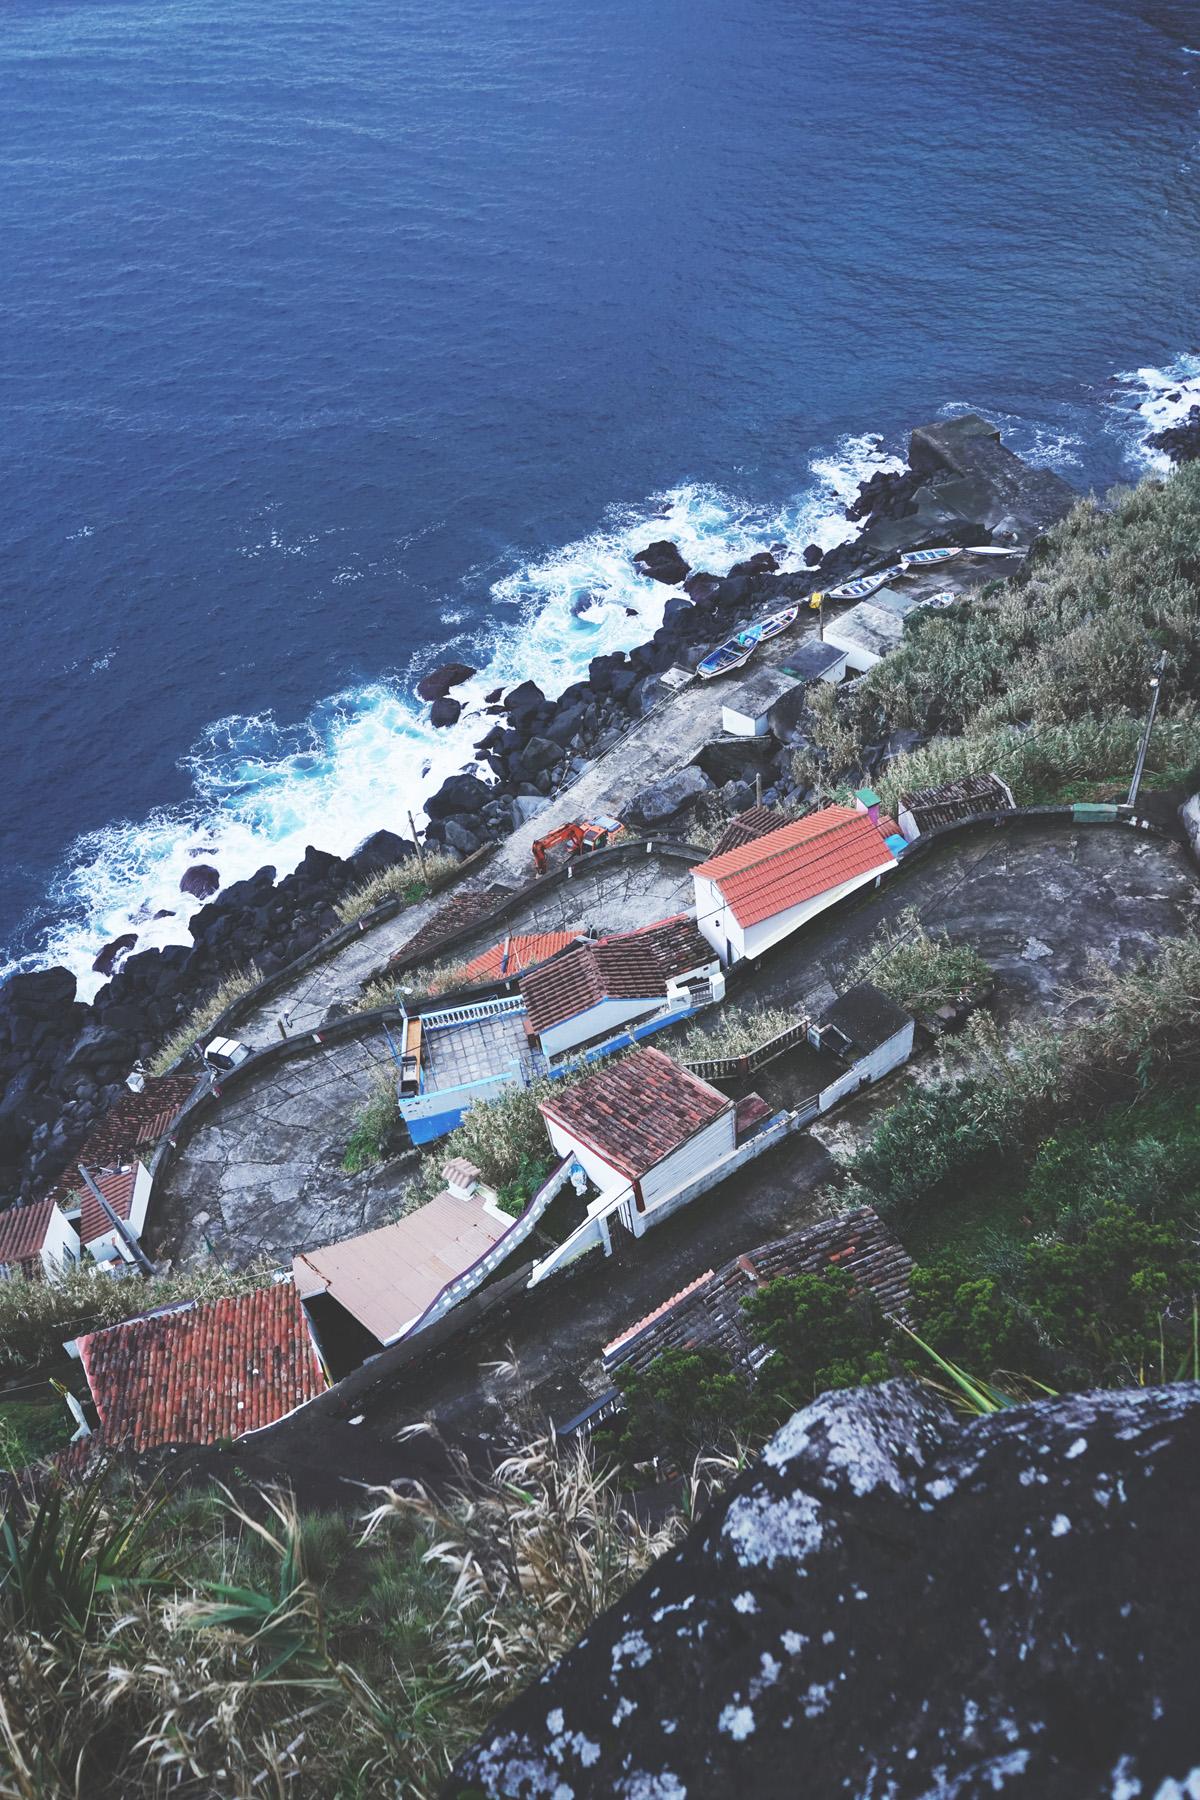 Nordeste-Lighthouse-Azores-001.jpg